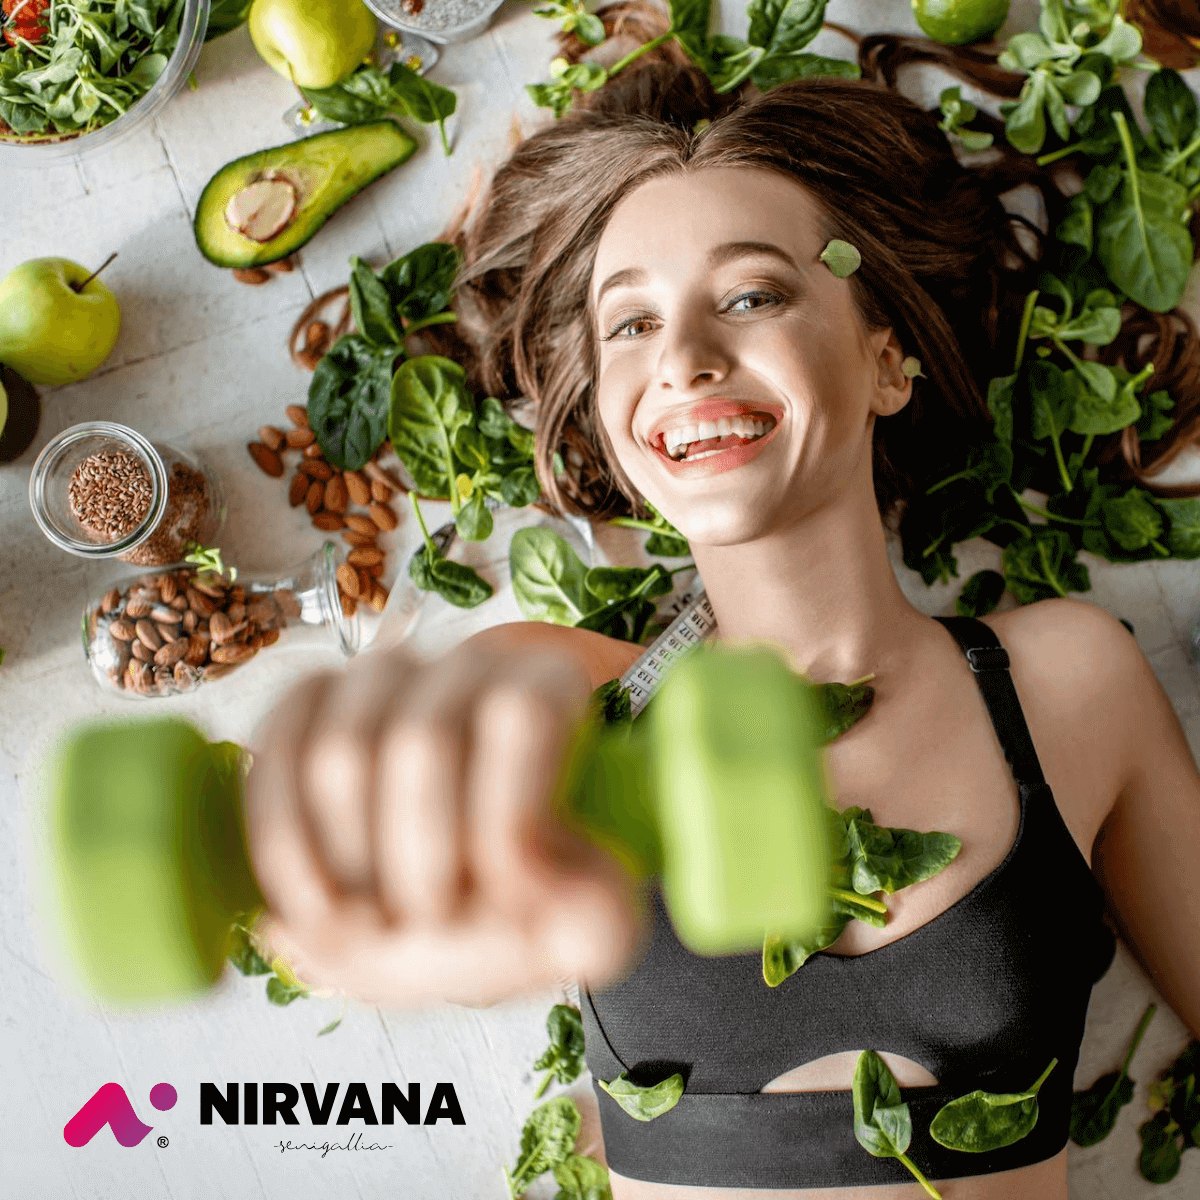 Esercizio fisico e dieta: perdi peso in modo sano